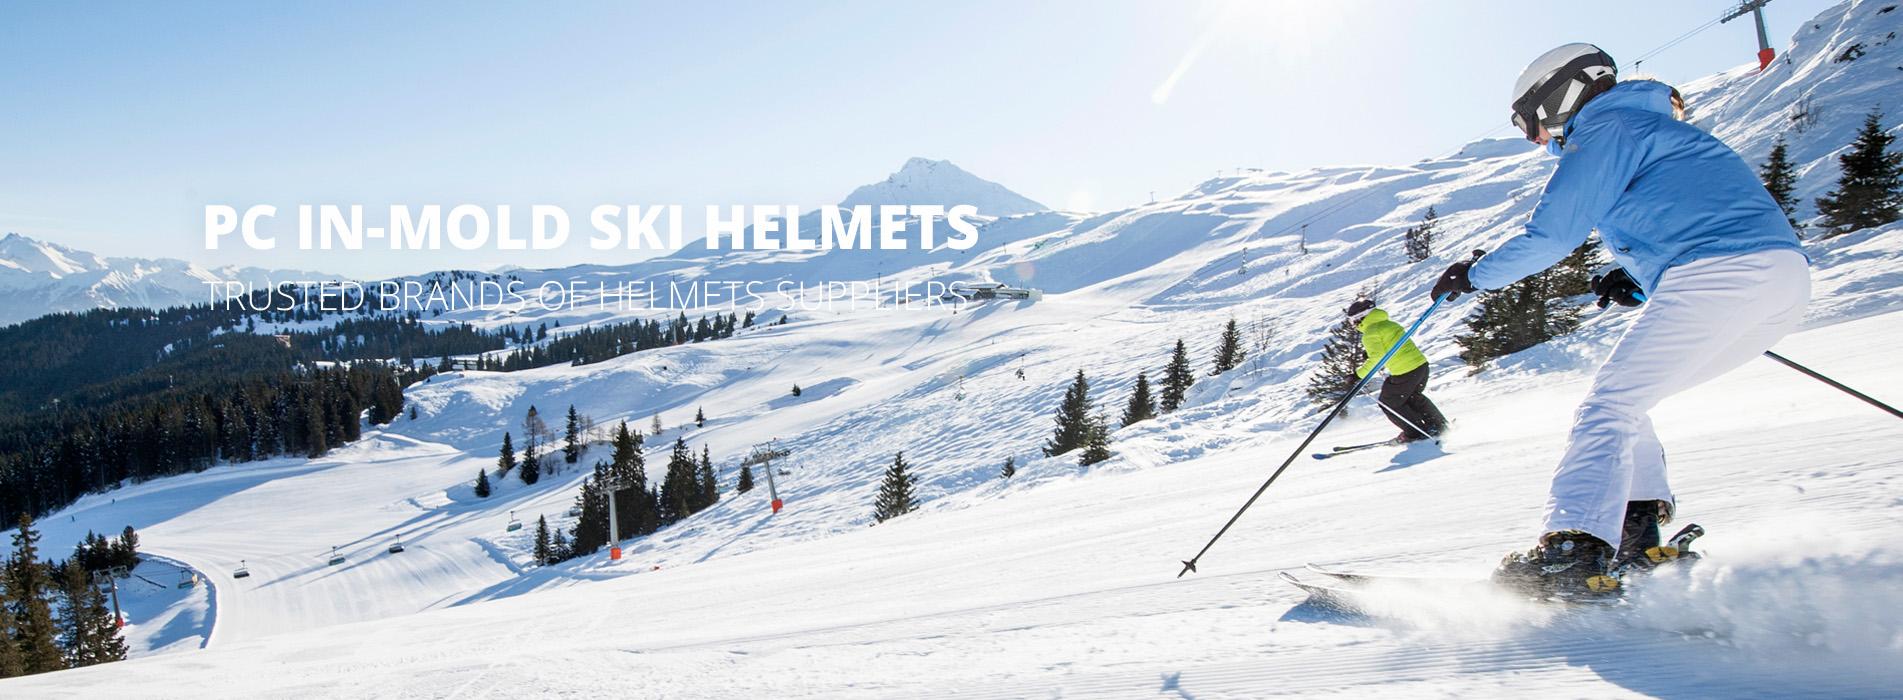 skiing helmet s06 banner